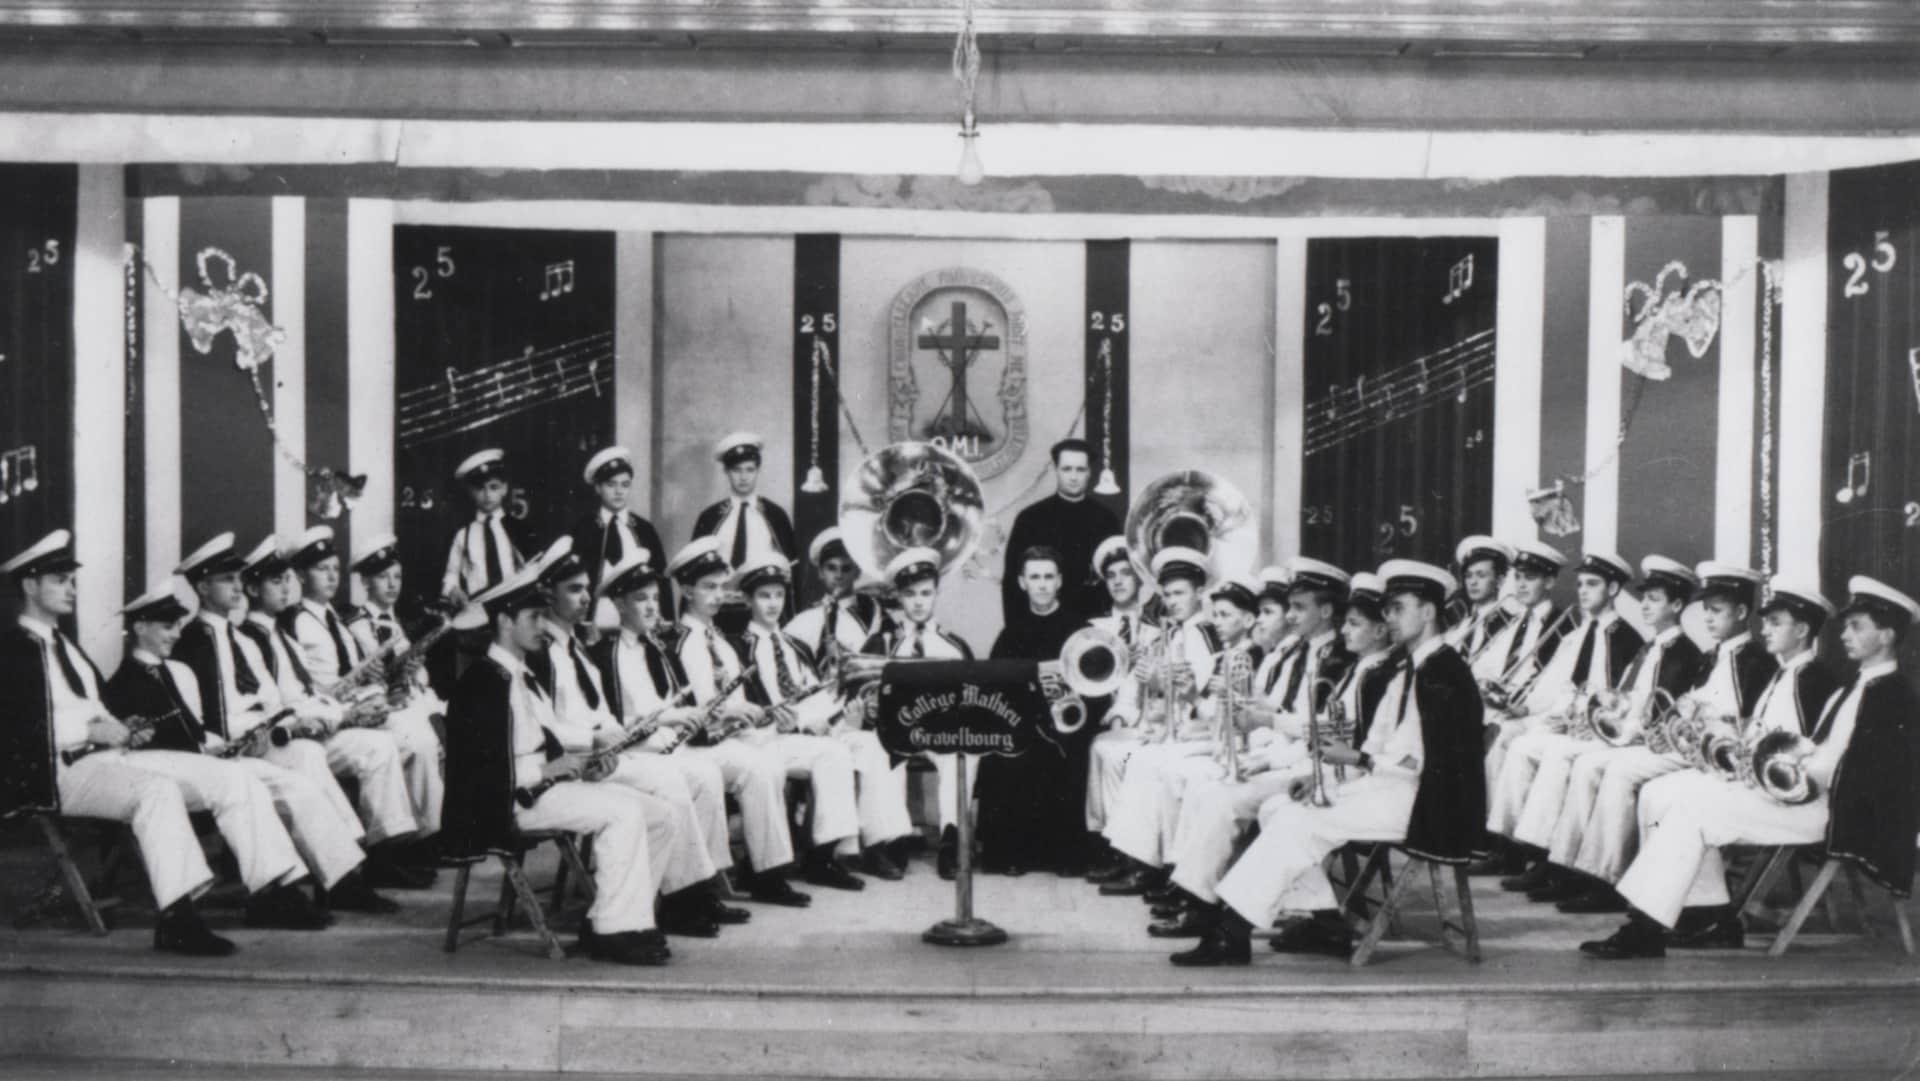 Des musiciens assis sur des chaises, en cercle, avec des instruments et des habits